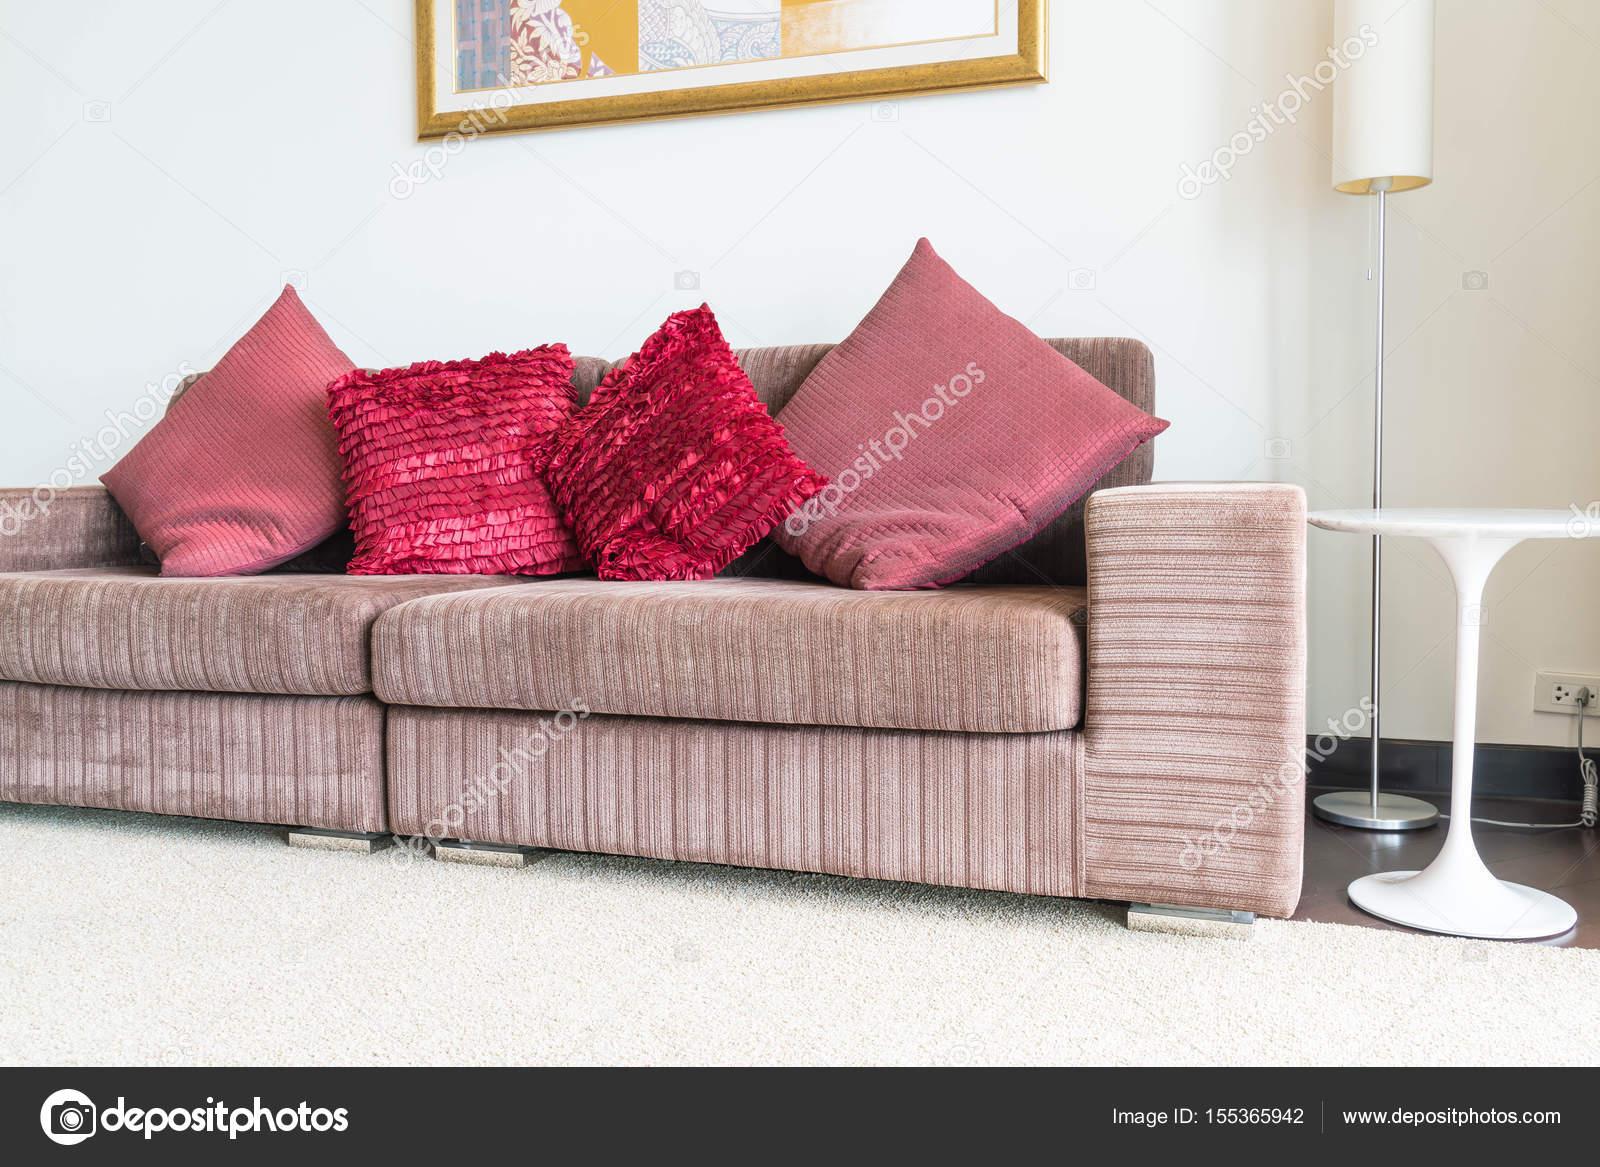 Schöne Kissen Auf Sofa Dekoration Im Wohnzimmer U2014 Stockfoto